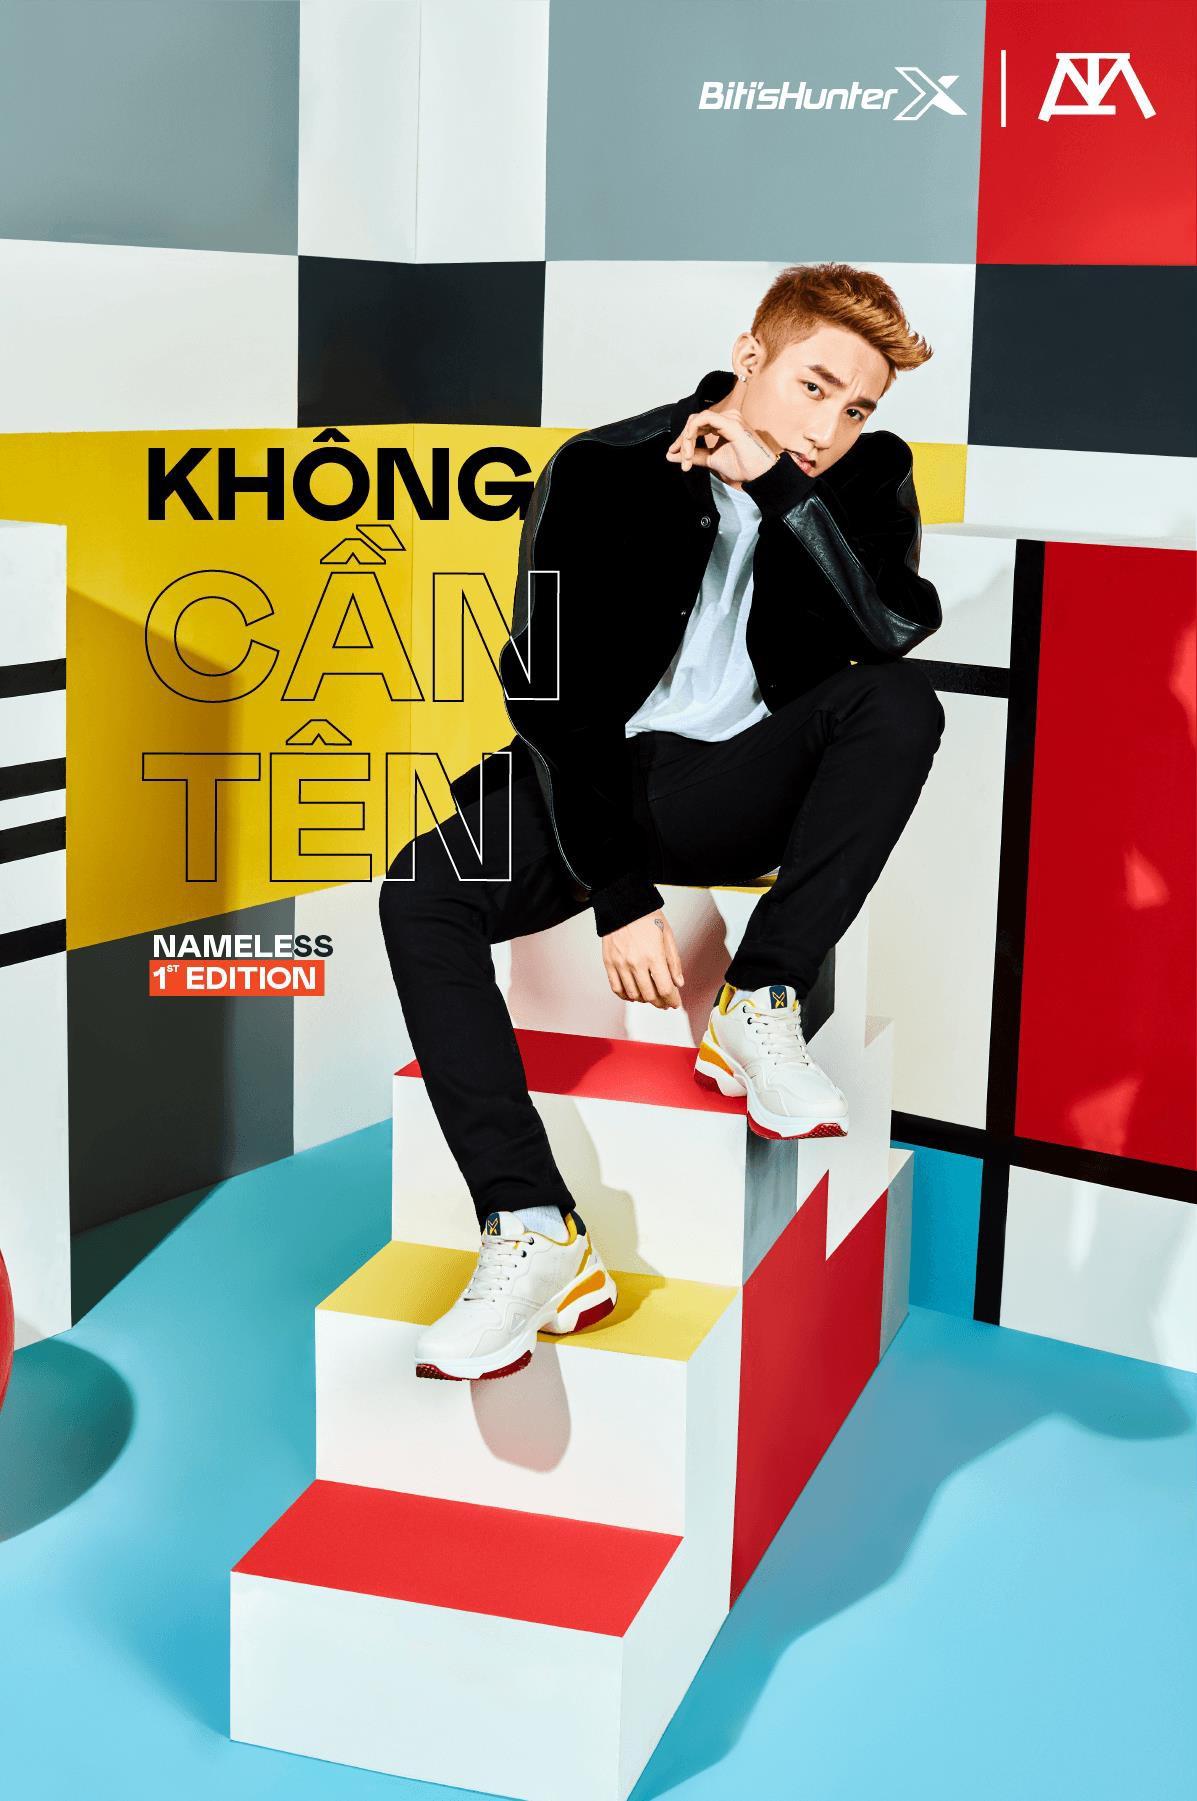 Ra mắt đôi giày đồng sáng tạo của Sơn Tùng M-TP x Biti's Hunter trong MV Hãy trao cho anh, Không Cần Tên vẫn cháy hàng - Hình 3